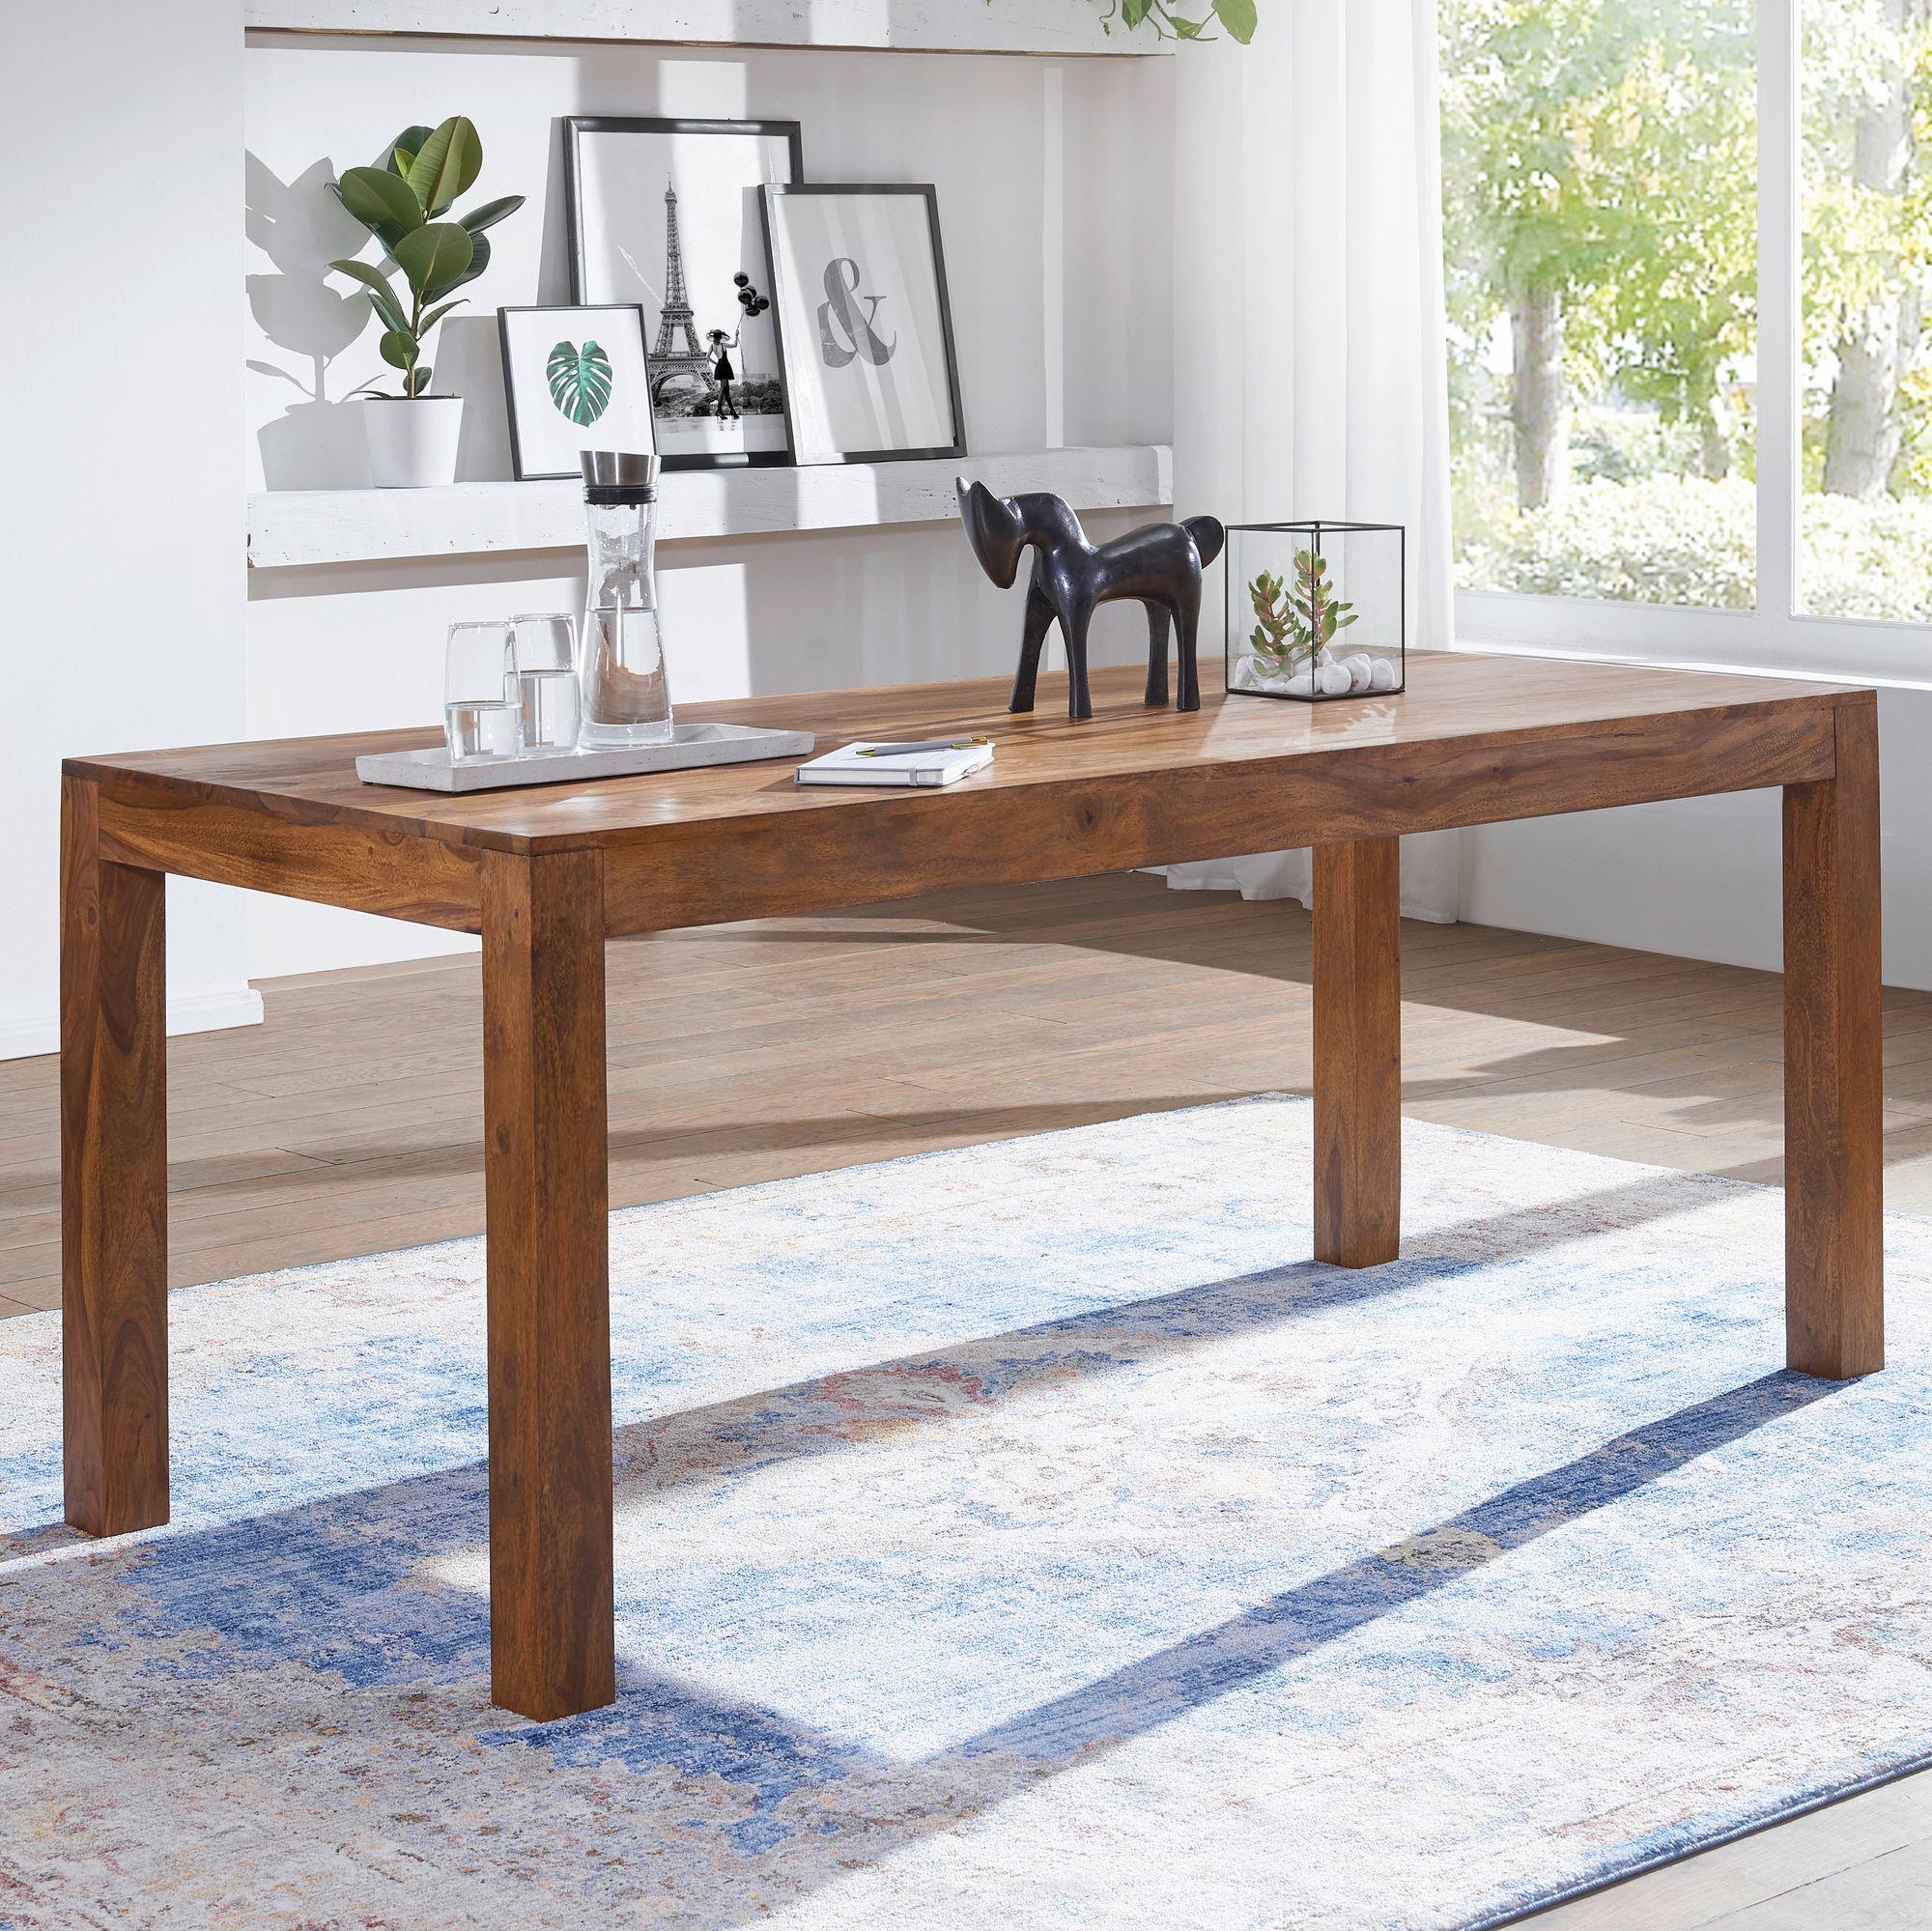 WOHNLING Esstisch MUMBAI Massivholz Sheesham 120 cm Esszimmer-Tisch ...